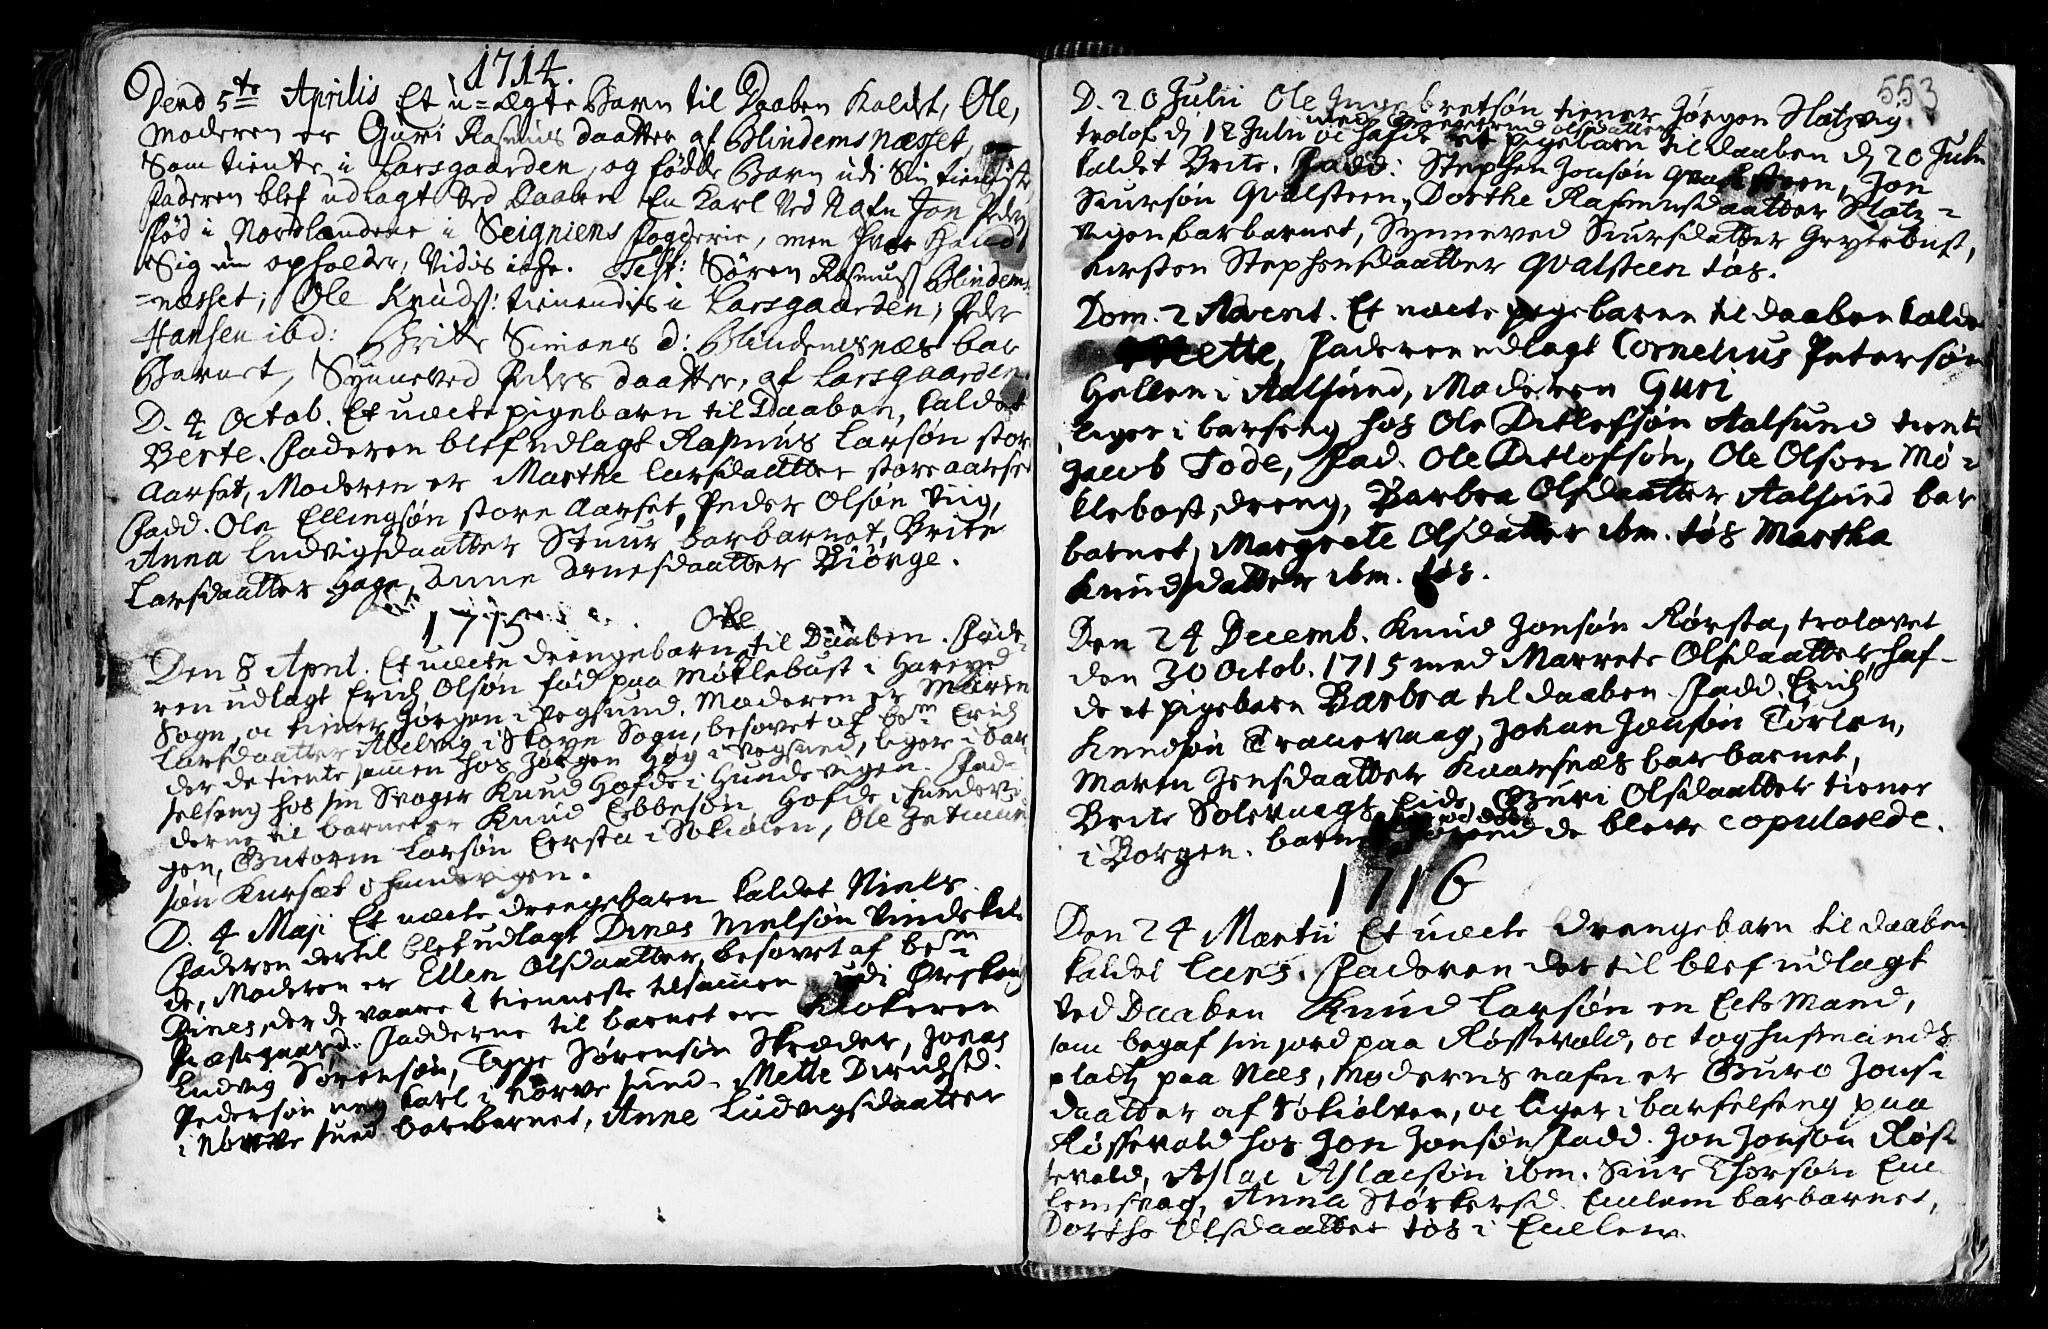 SAT, Ministerialprotokoller, klokkerbøker og fødselsregistre - Møre og Romsdal, 528/L0390: Ministerialbok nr. 528A01, 1698-1739, s. 552-553